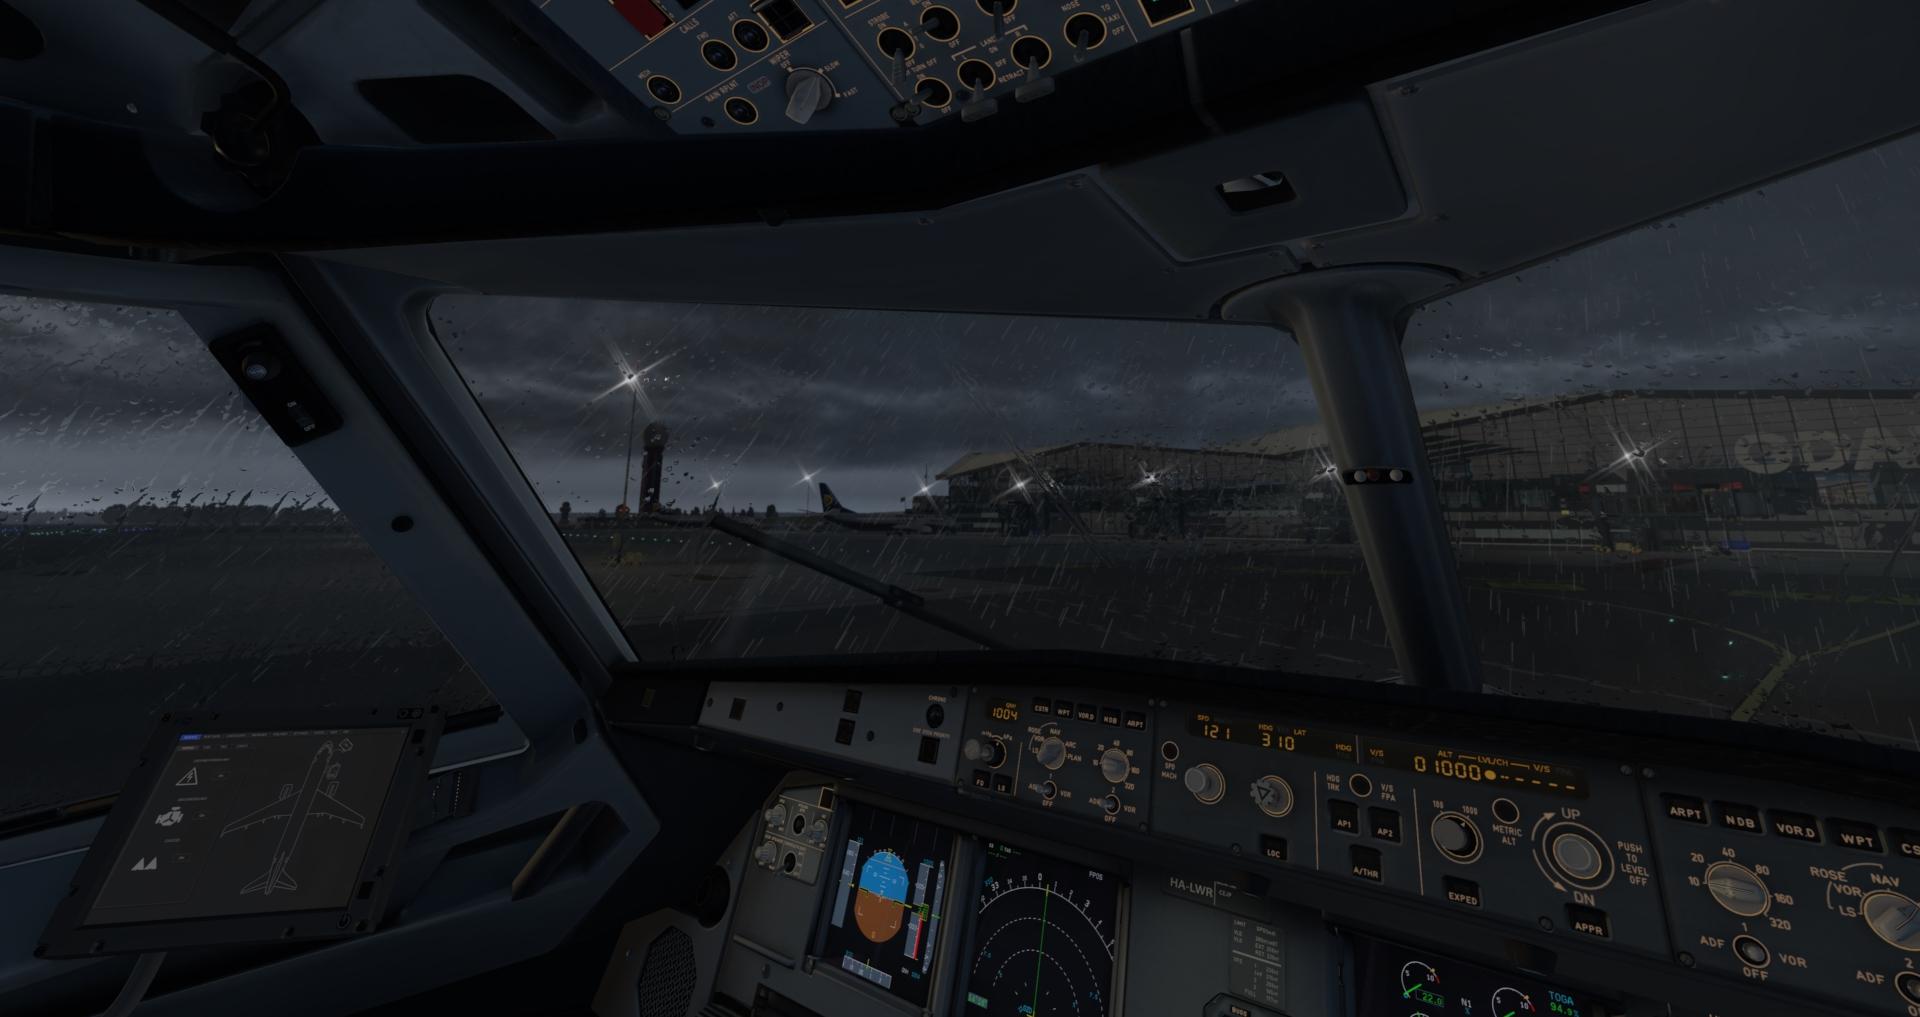 EPGD_2019 | scenery | FlyDesign | Xplane